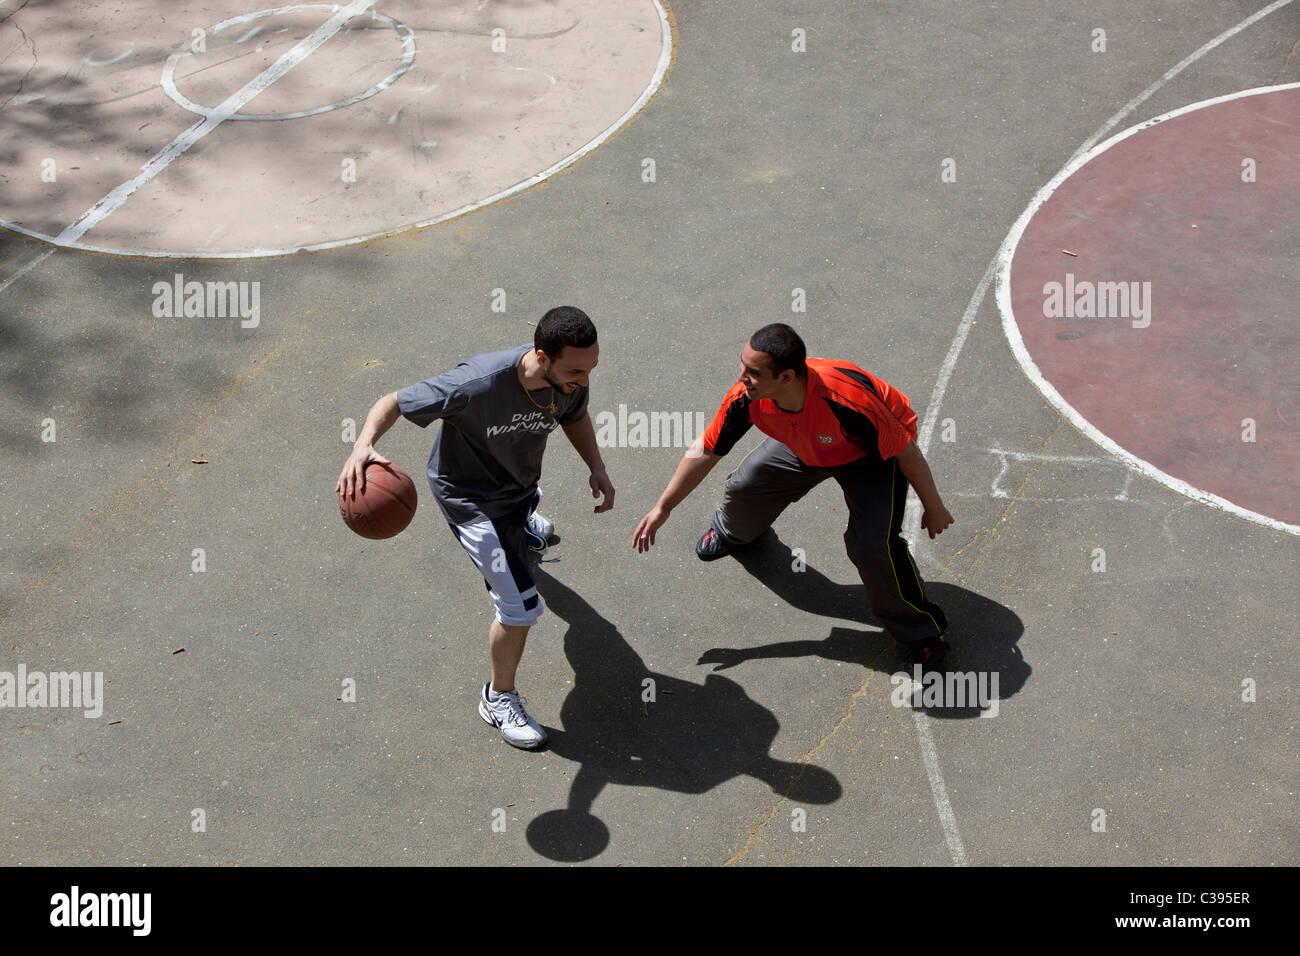 Les jeunes adultes jouant au basket-ball de rue à Riverside Park, New York City. Photo Stock